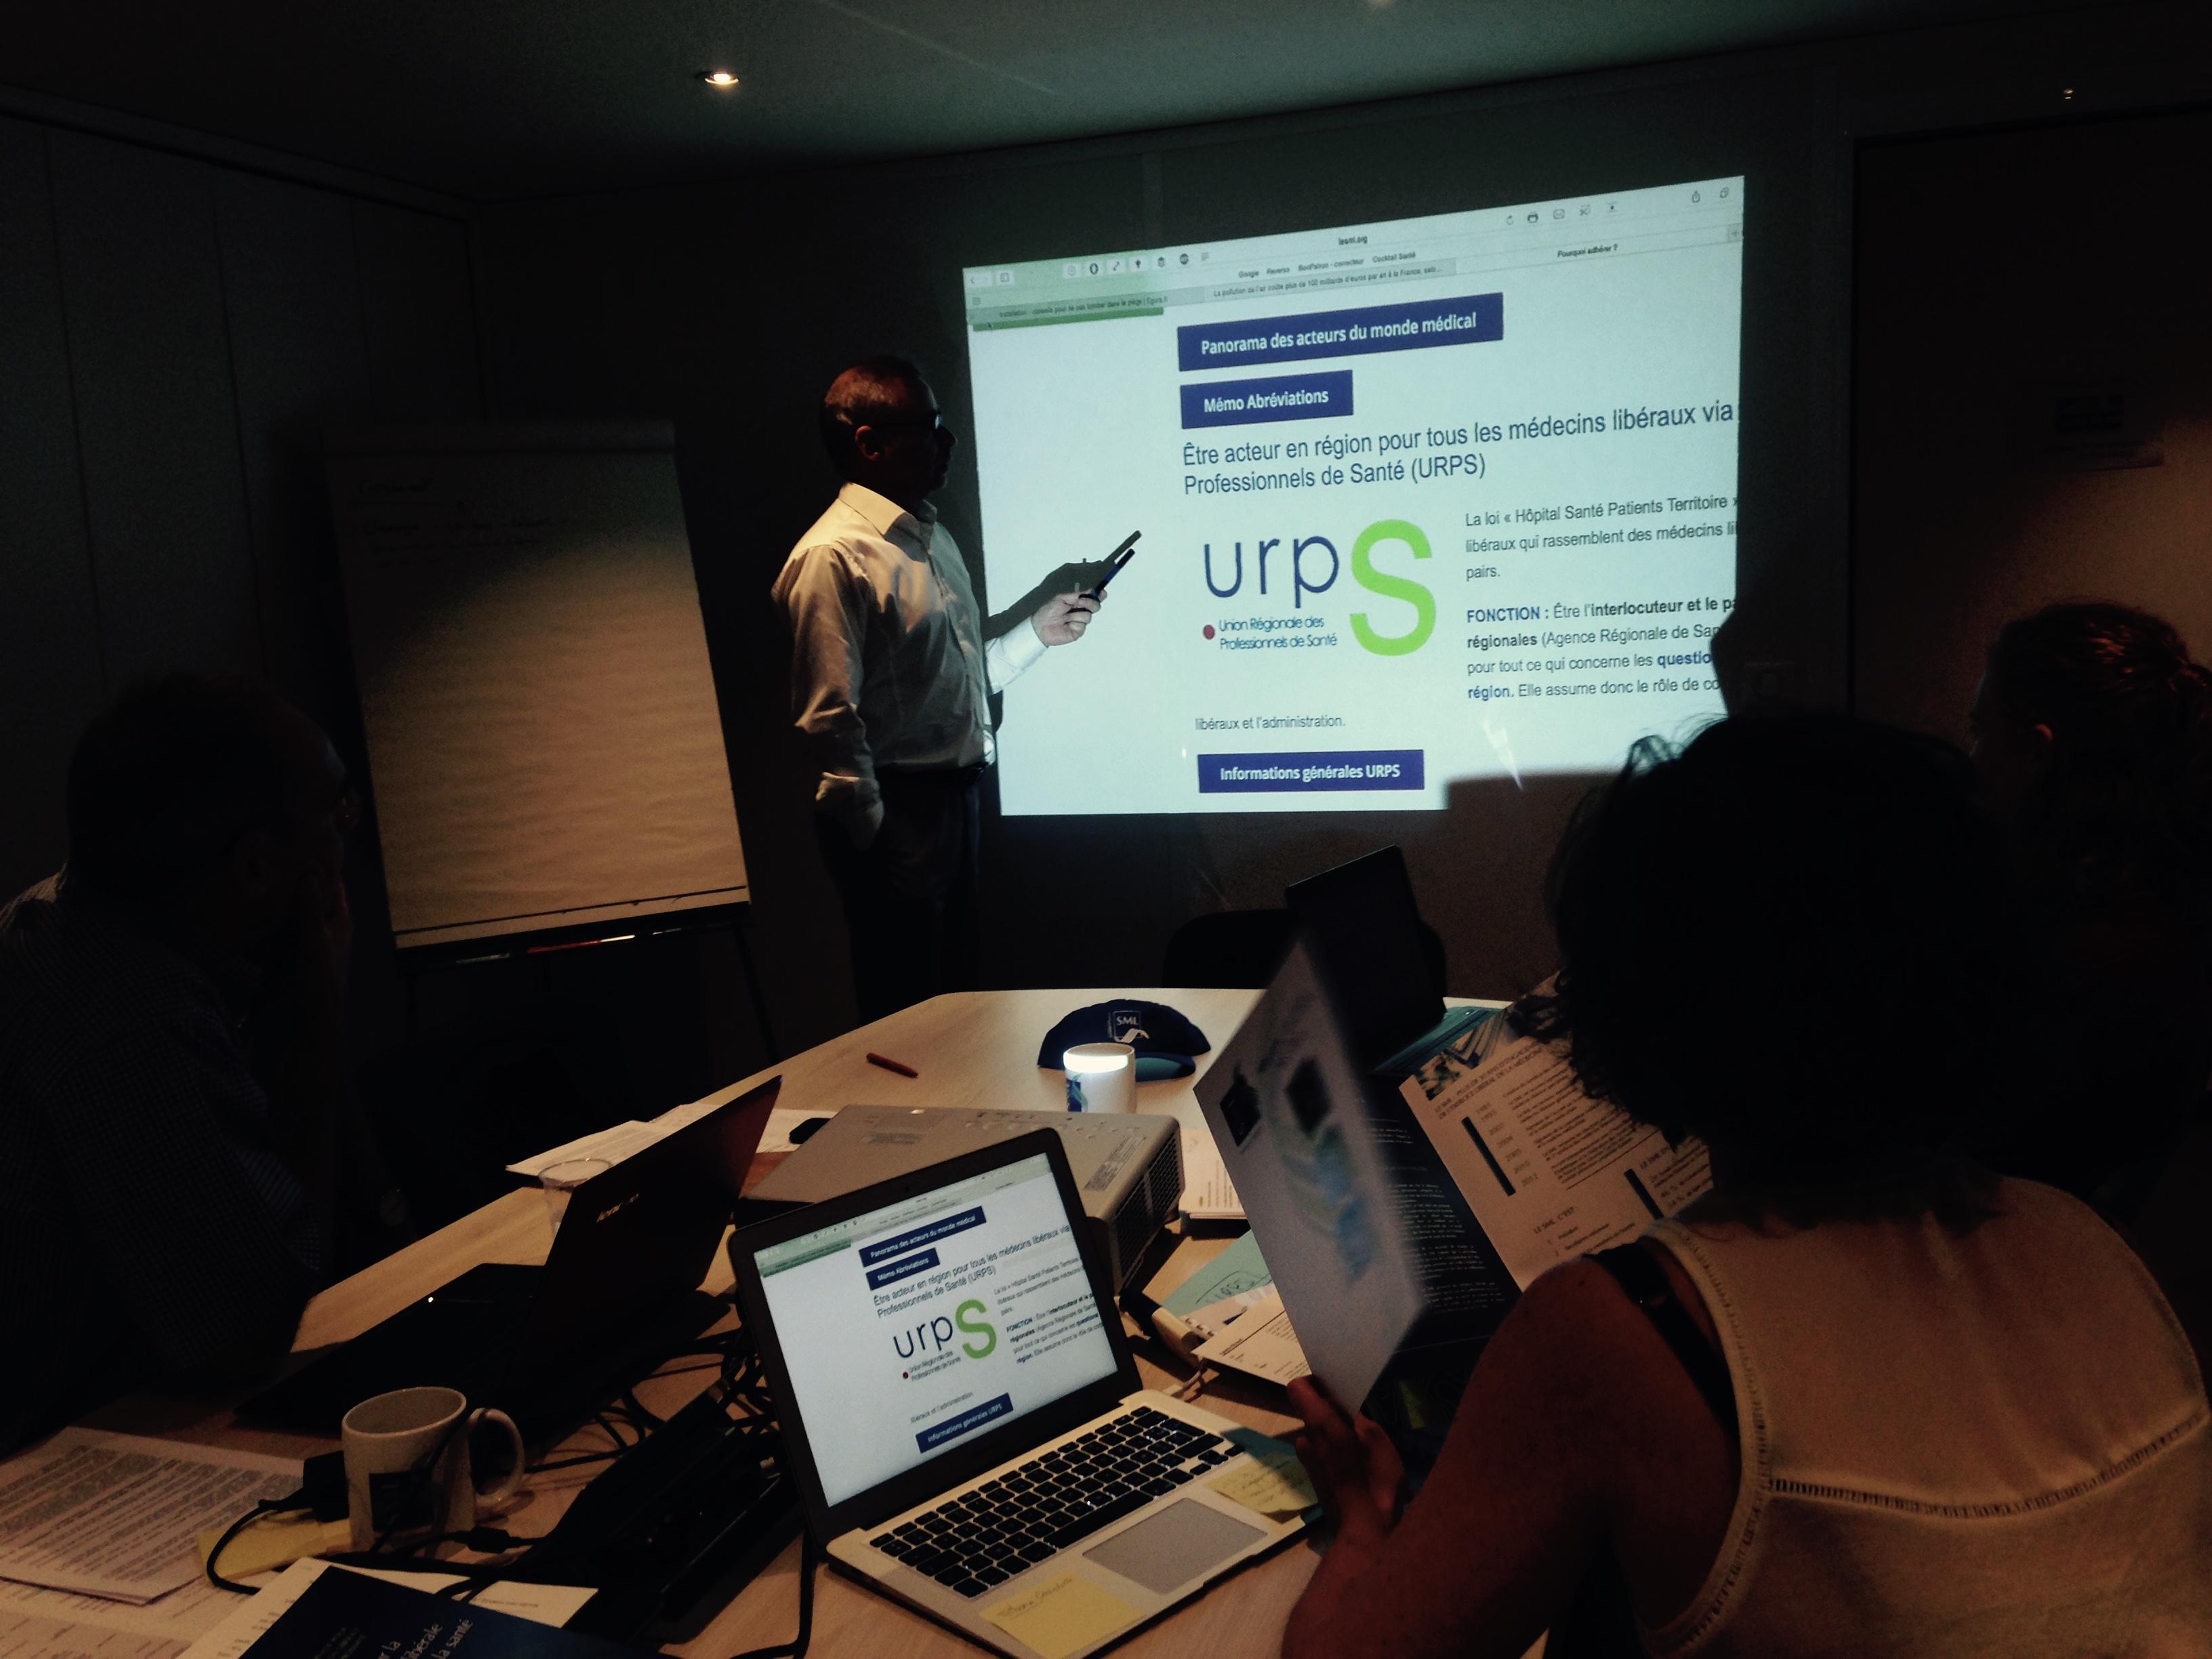 Réunion - Objectif URPS 2015